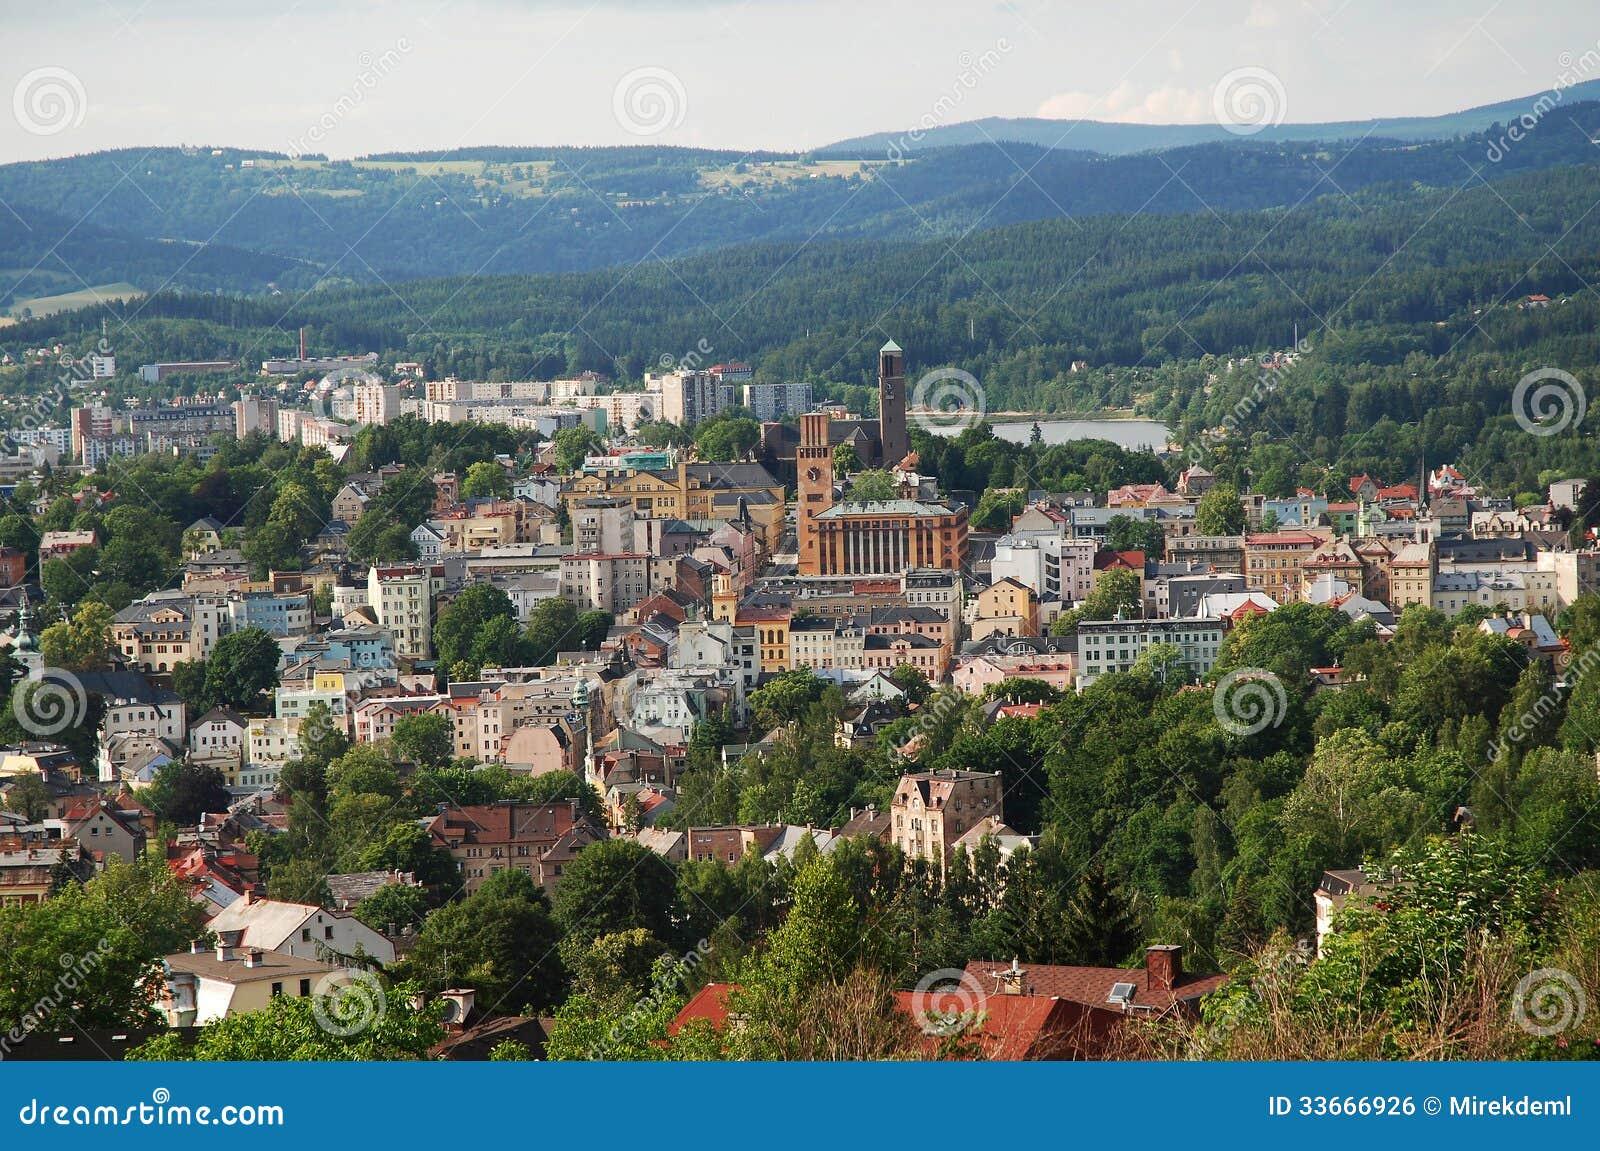 Jablonec nad Nisou Czech Republic  city photo : Jablonec Nad Nisou, Czech Republic Royalty Free Stock Image Image ...